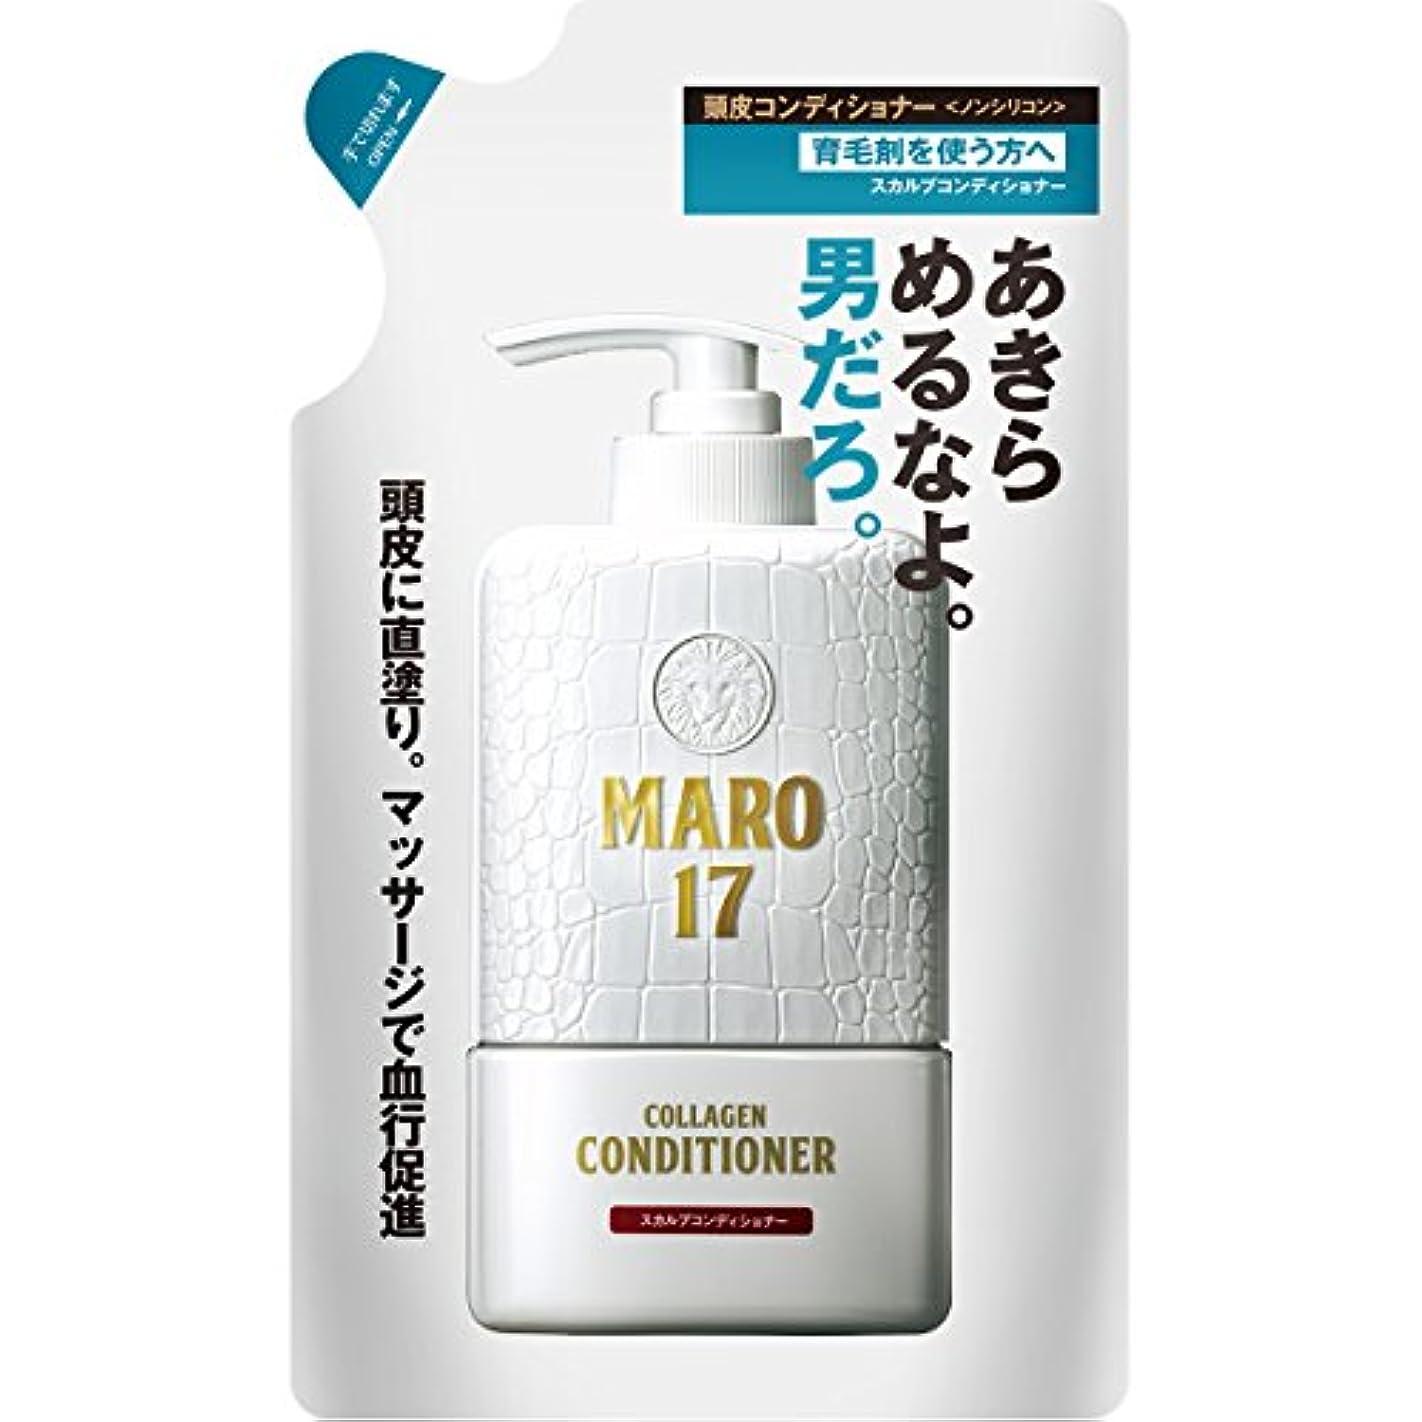 キャンバス付属品常にMARO17 スカルプコンディショナー 詰め替え 300ml